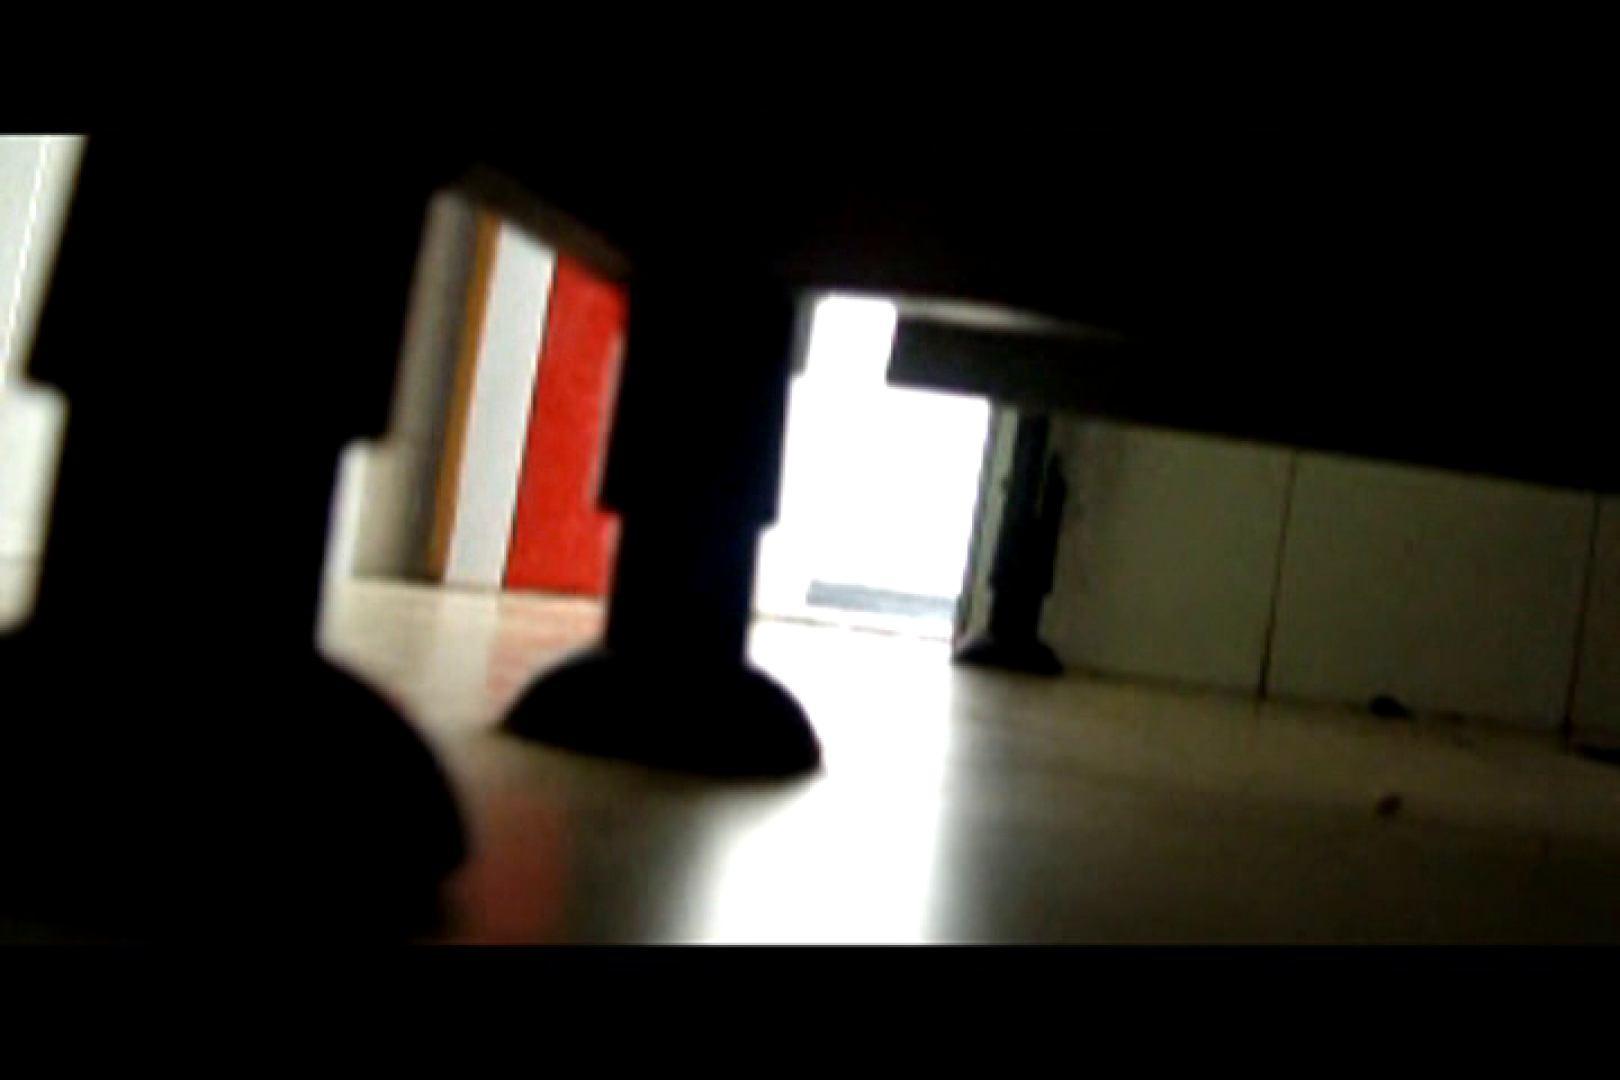 ぼっとん洗面所スペシャルVol.16 独身エッチOL | おまんこモロ出し  24pic 9